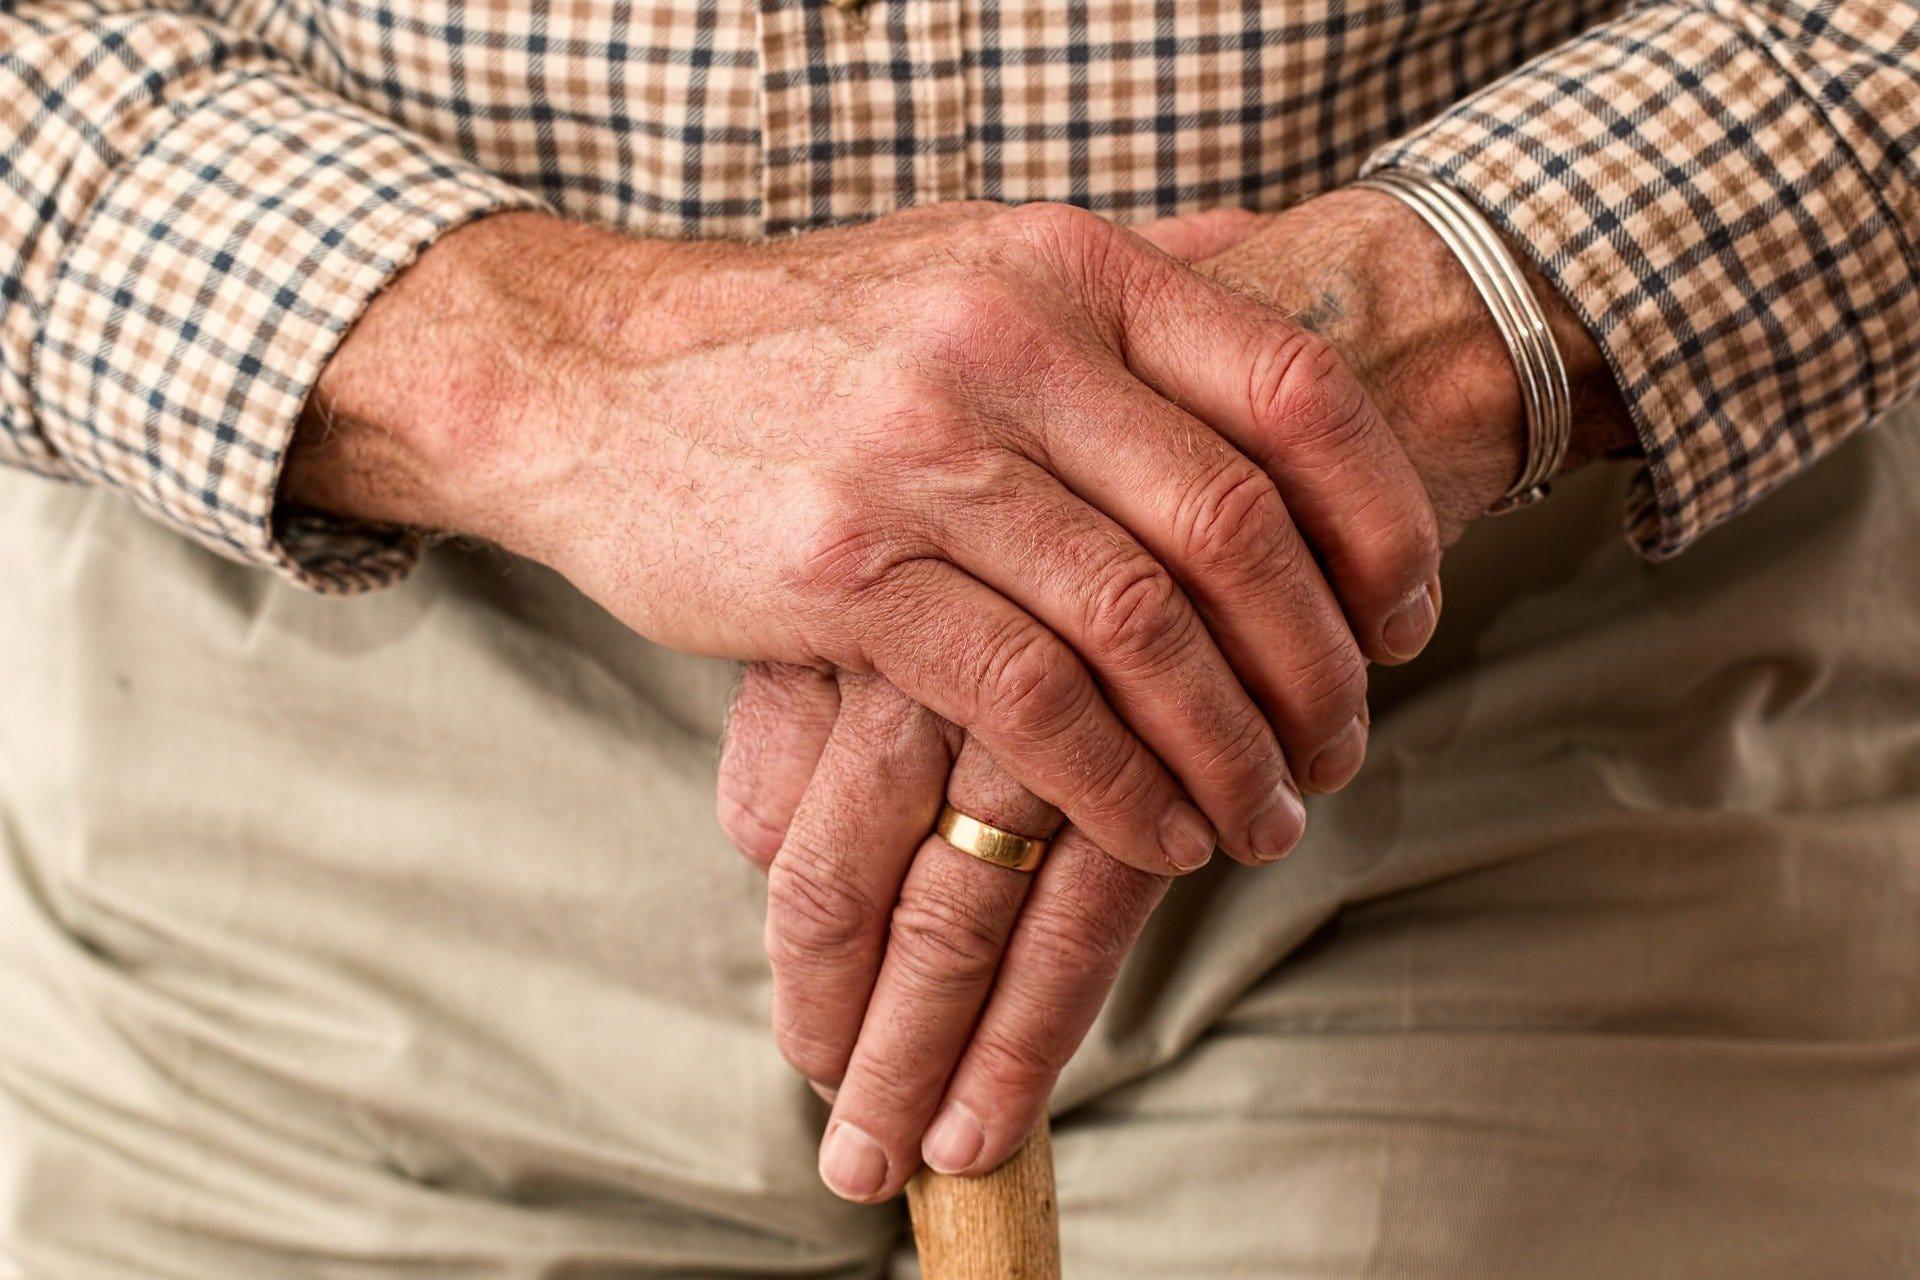 Pensione anticipata a 62 anni, con e senza quota 100: quali sono le possibilità di uscita nel 2021  e nel 2022?